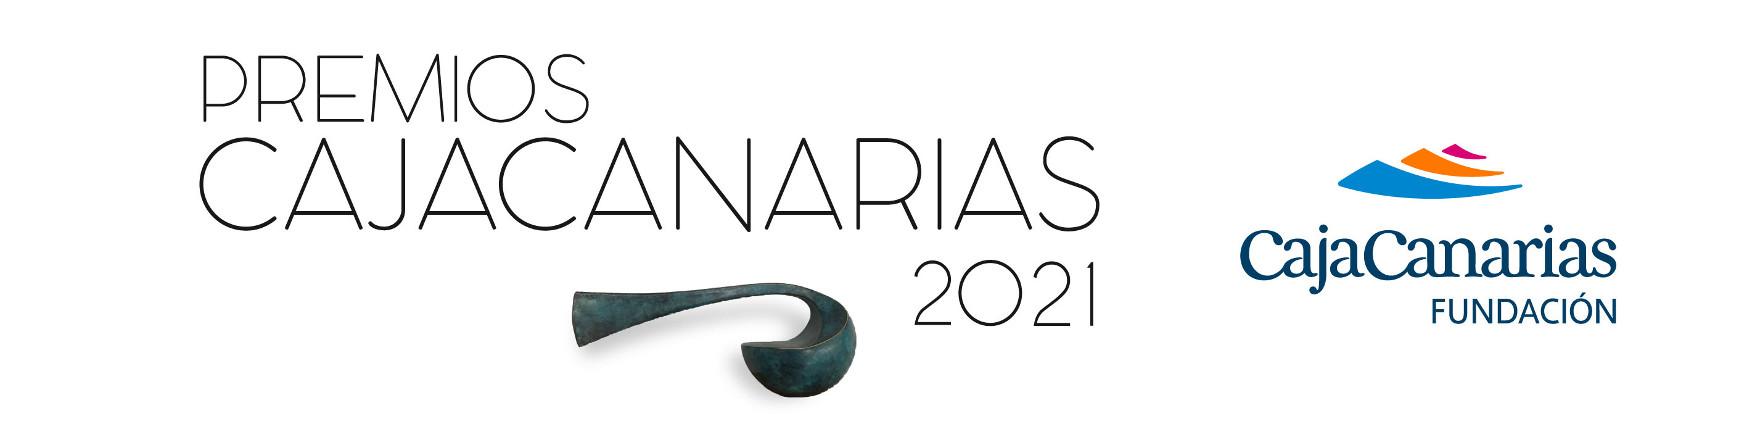 premios cajacanarias 2021